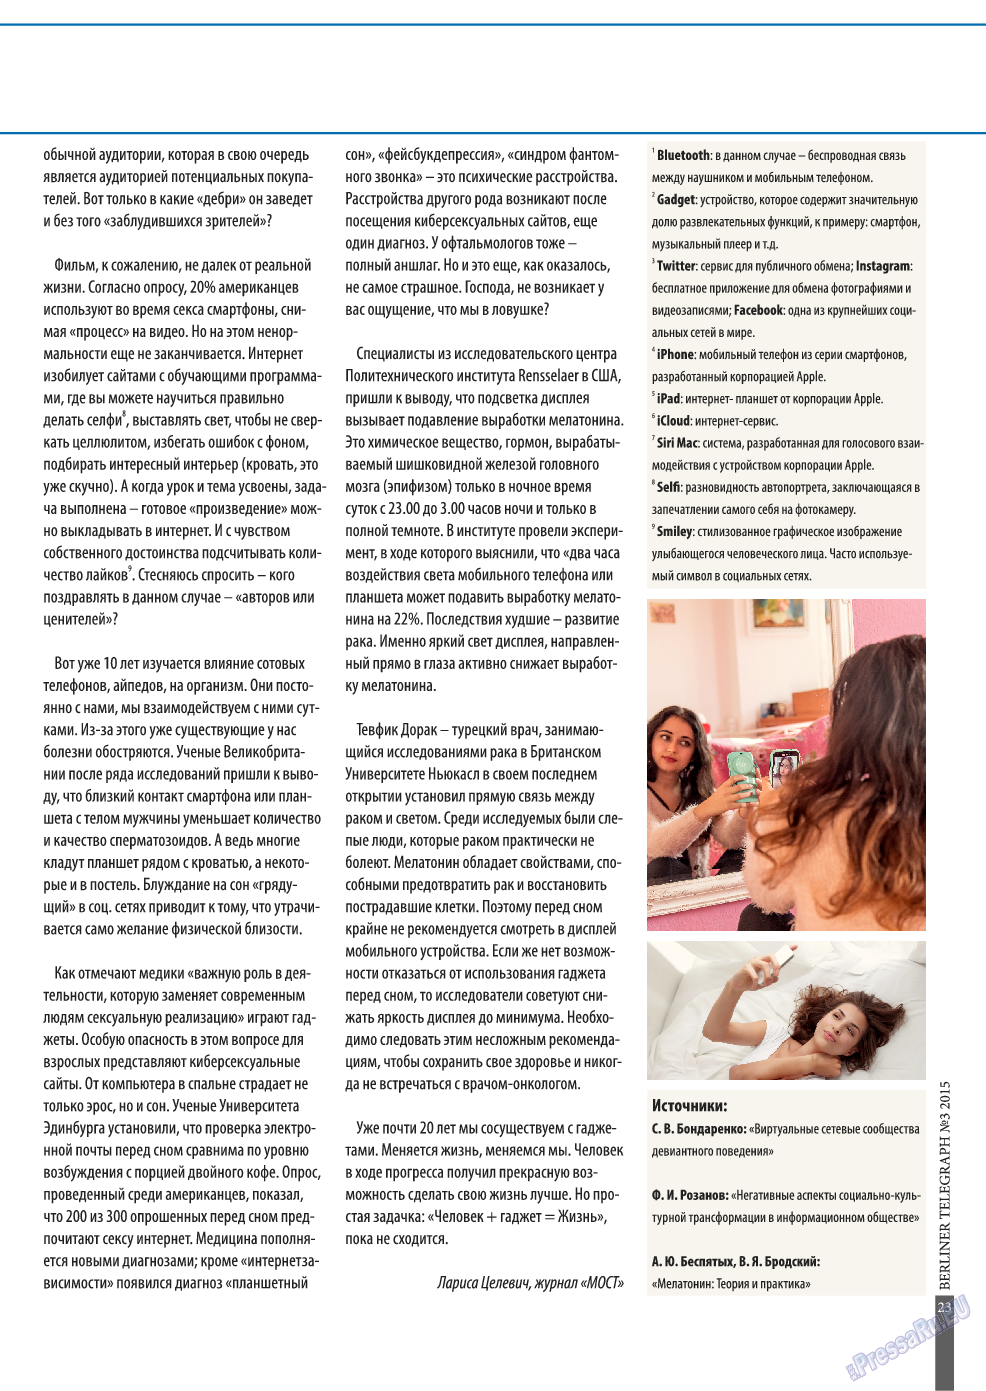 Берлинский телеграф (журнал). 2015 год, номер 3, стр. 23